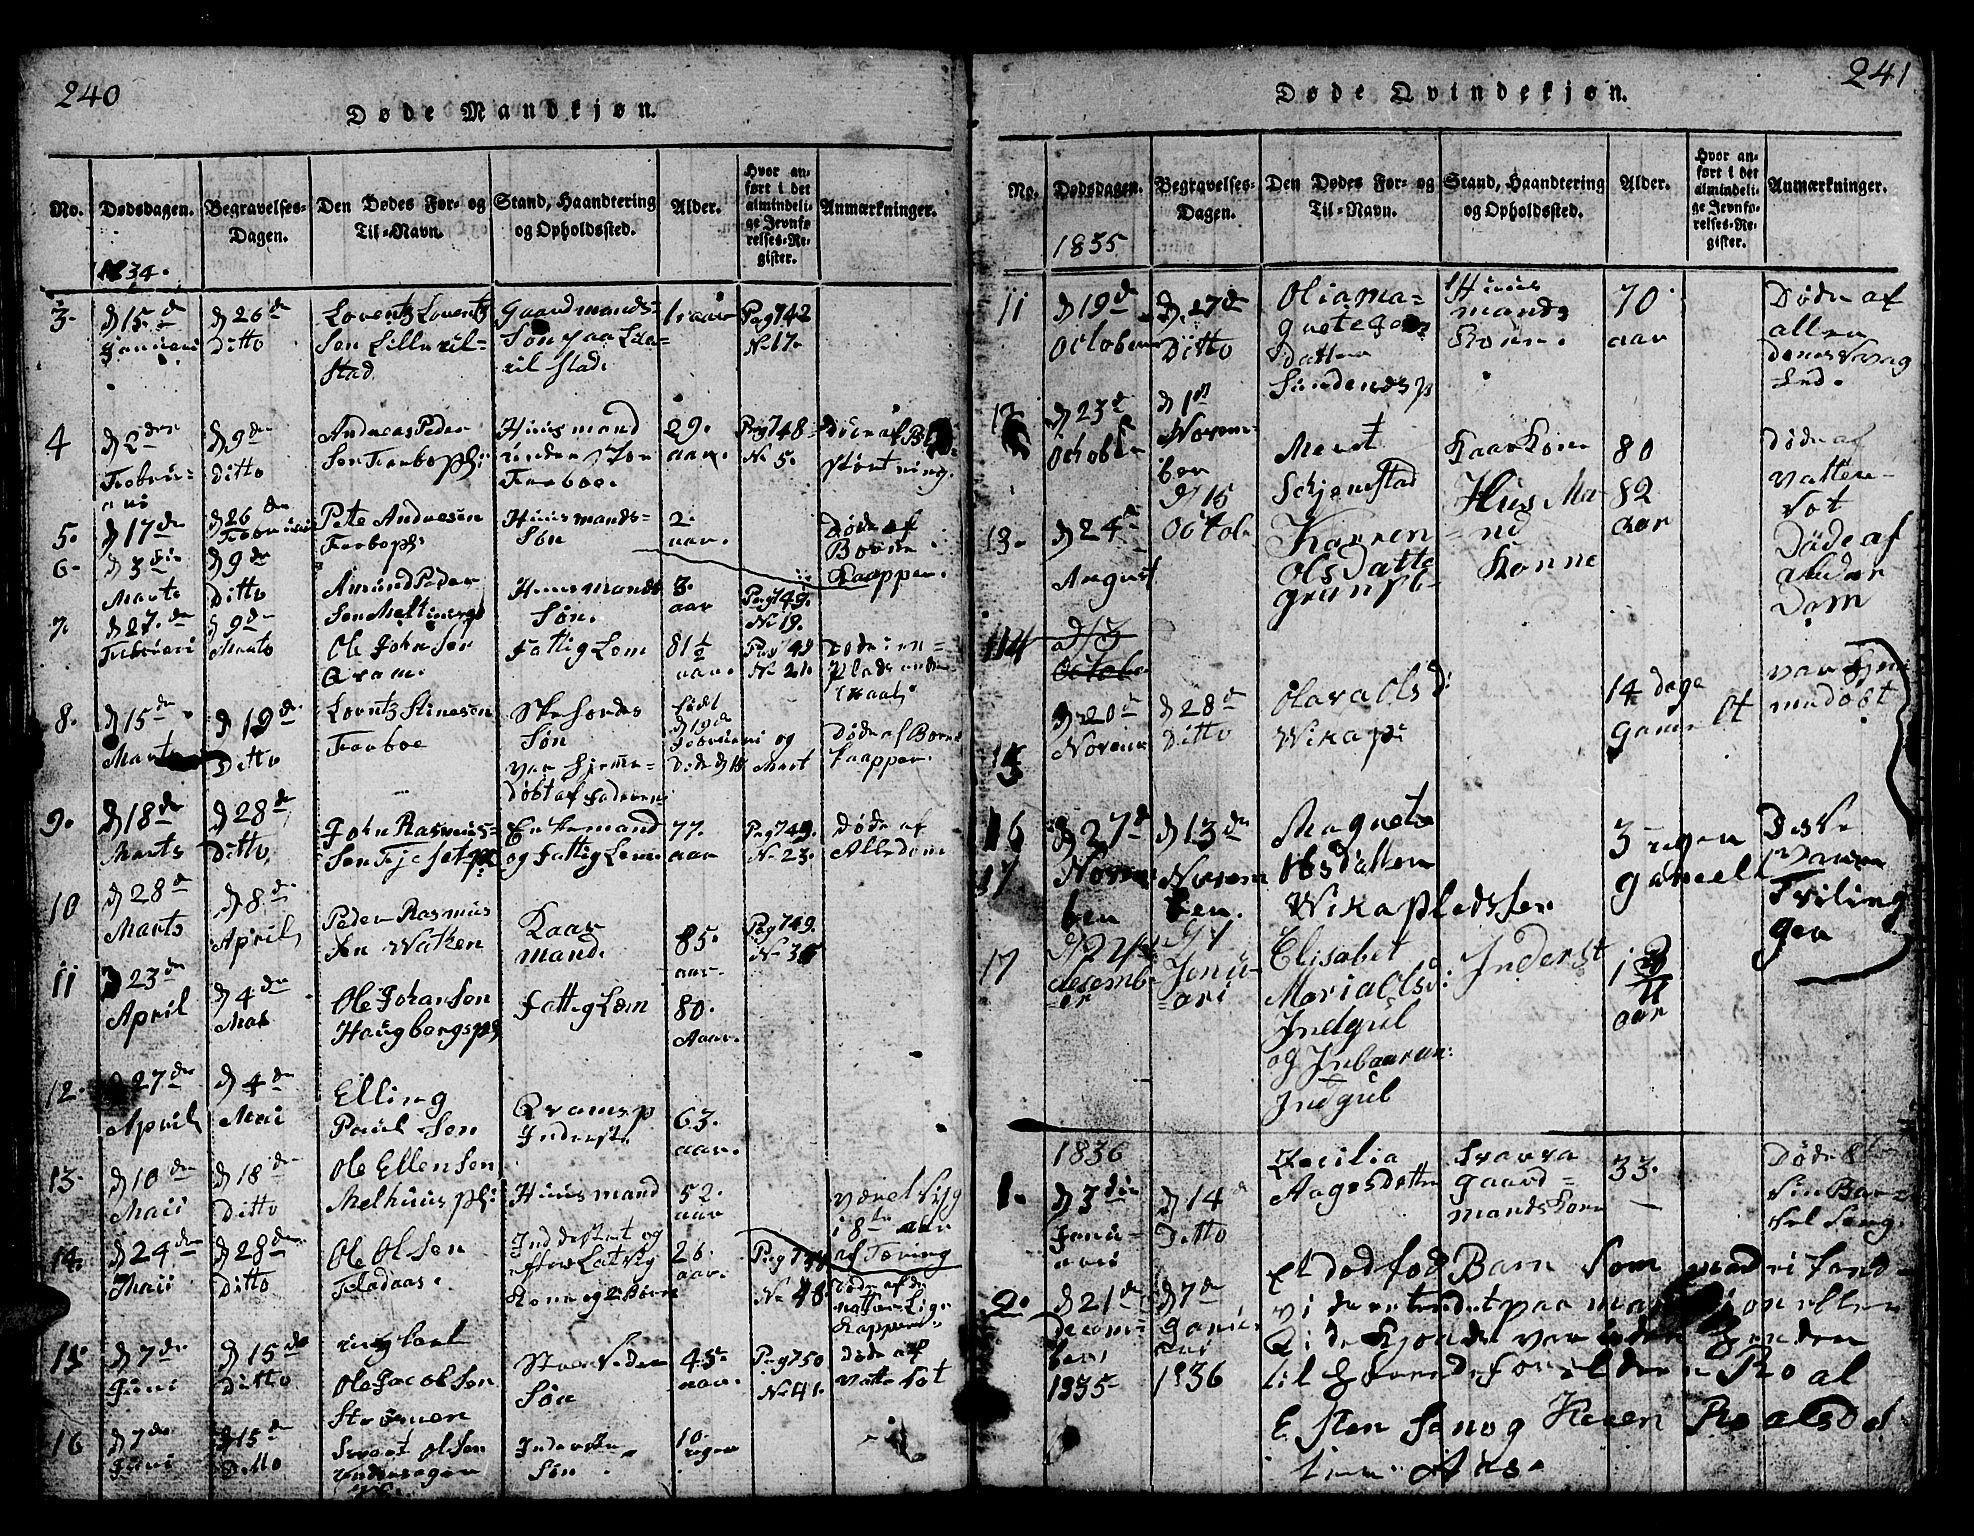 SAT, Ministerialprotokoller, klokkerbøker og fødselsregistre - Nord-Trøndelag, 730/L0298: Klokkerbok nr. 730C01, 1816-1849, s. 240-241